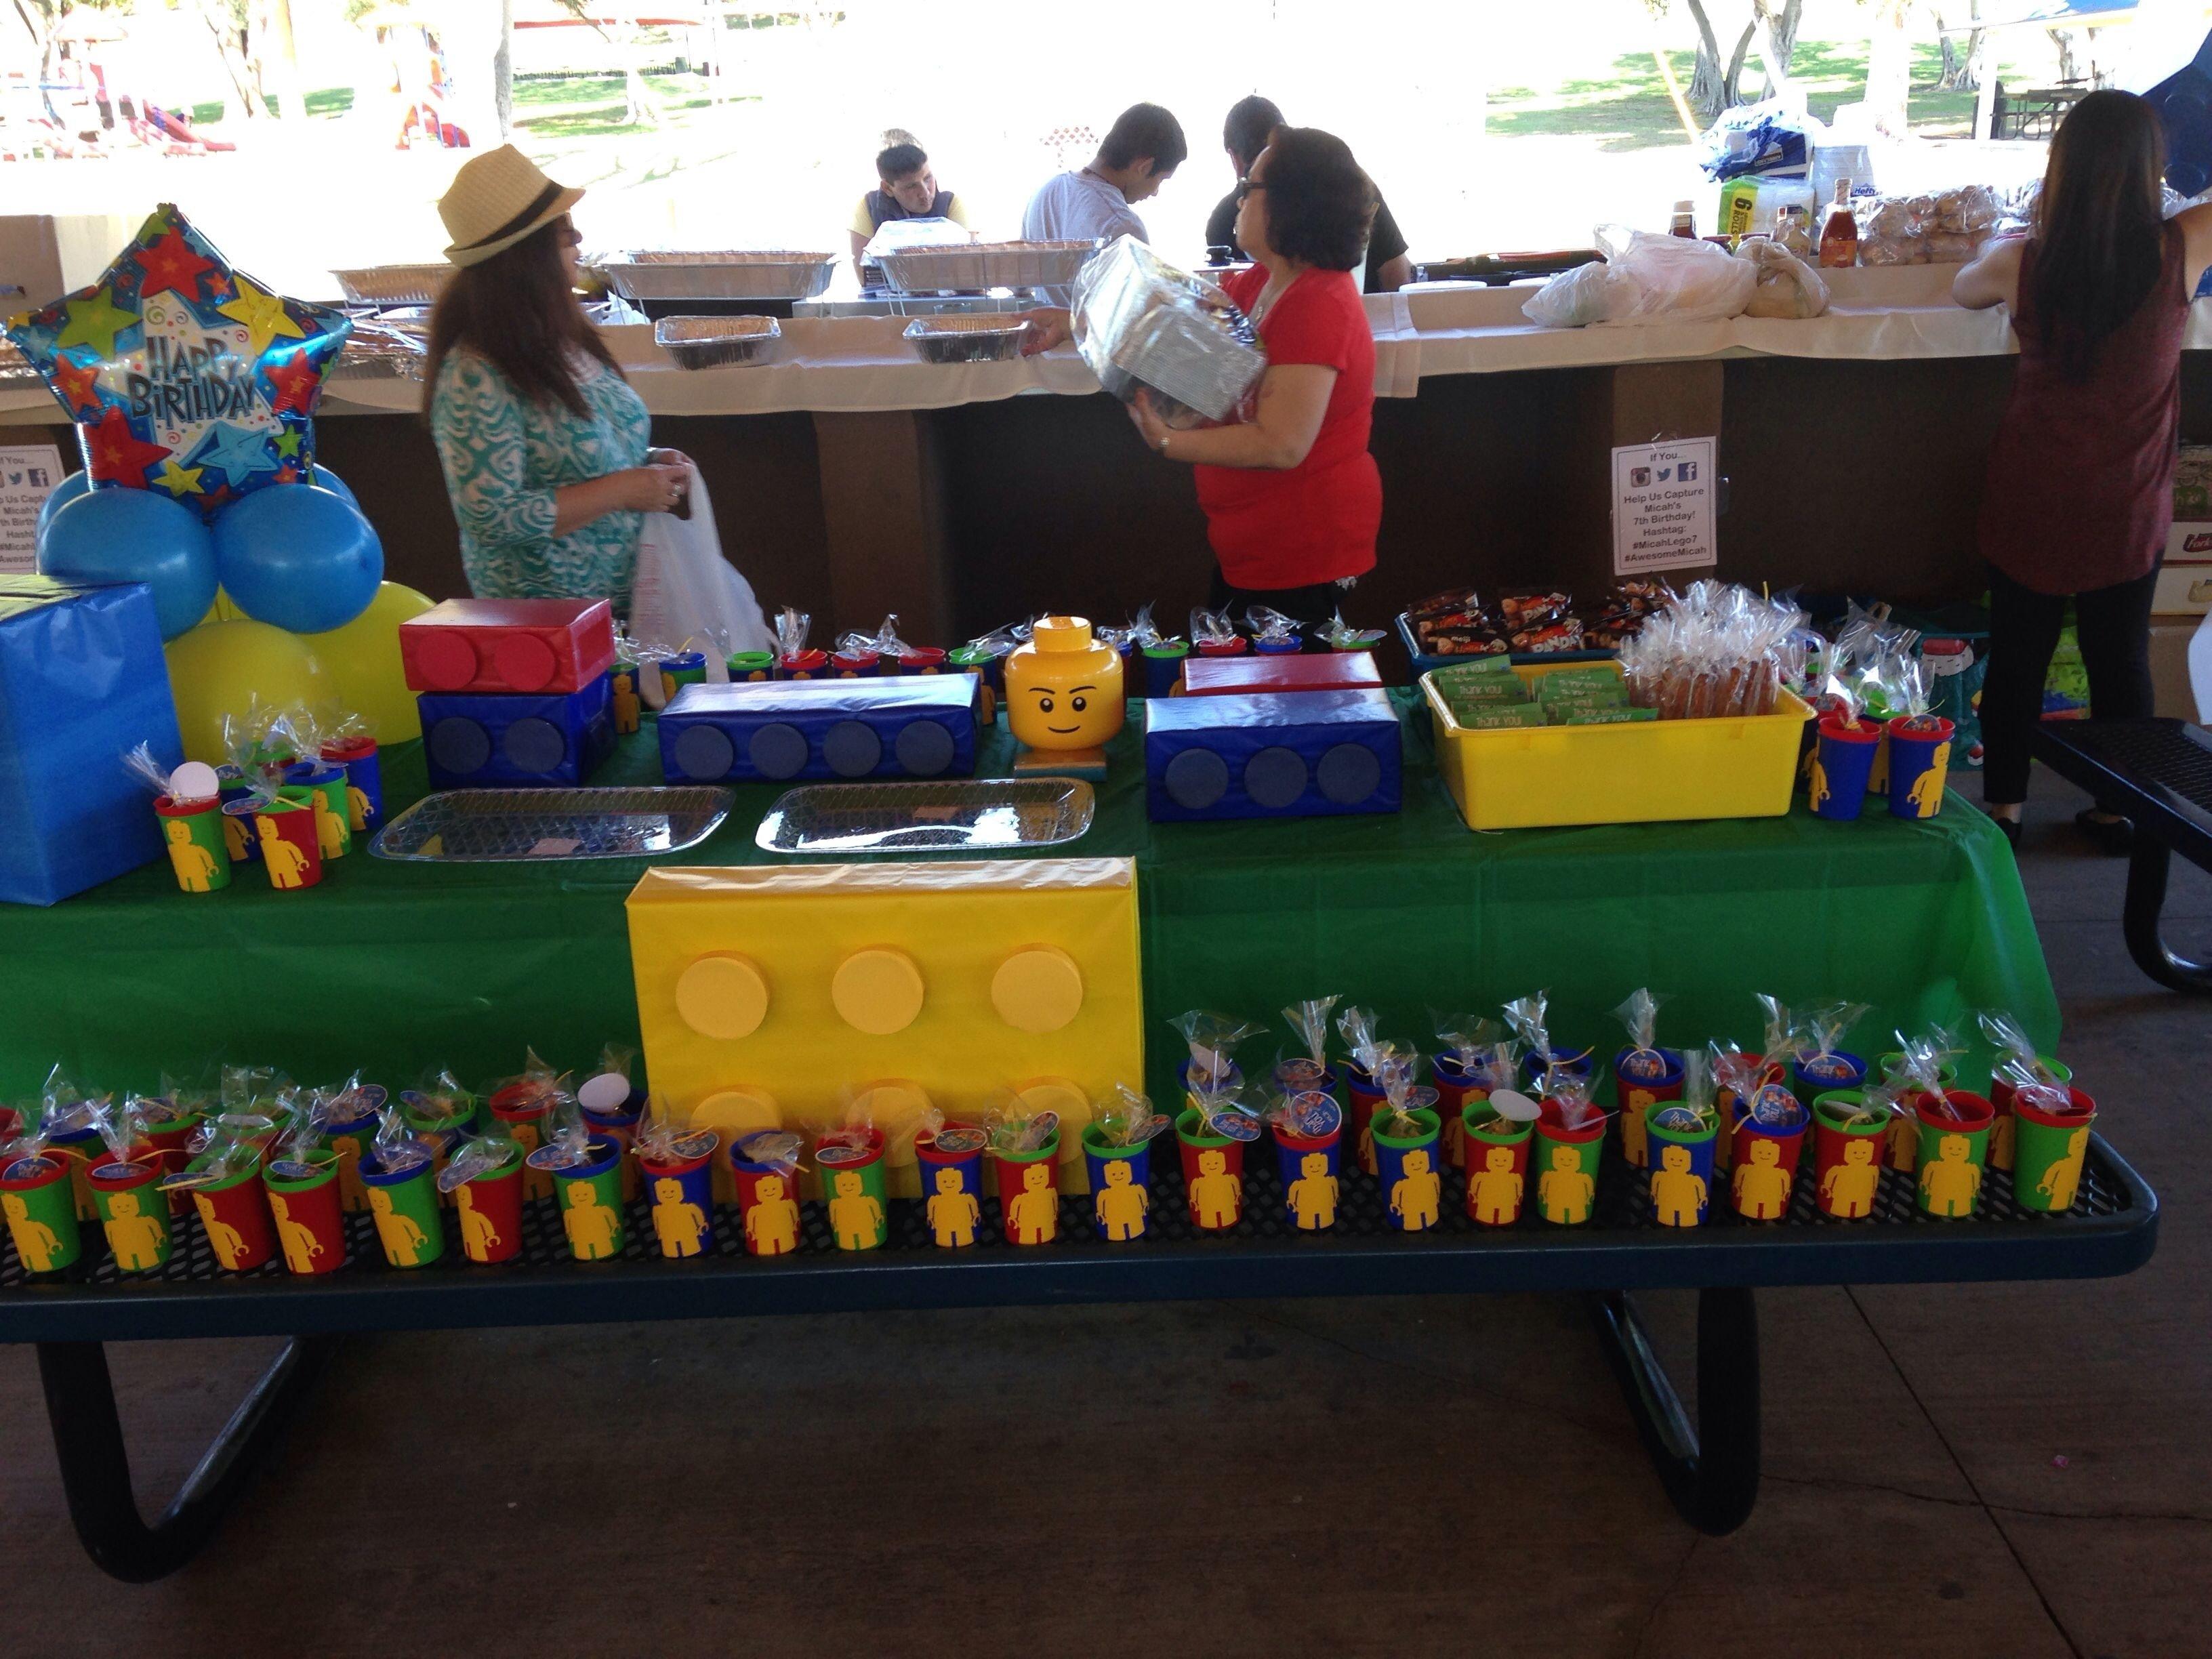 10 Lovely 4 Yr Old Boy Birthday Party Ideas a lego themes birthday party for a 7 year old boy so cute 5 2021